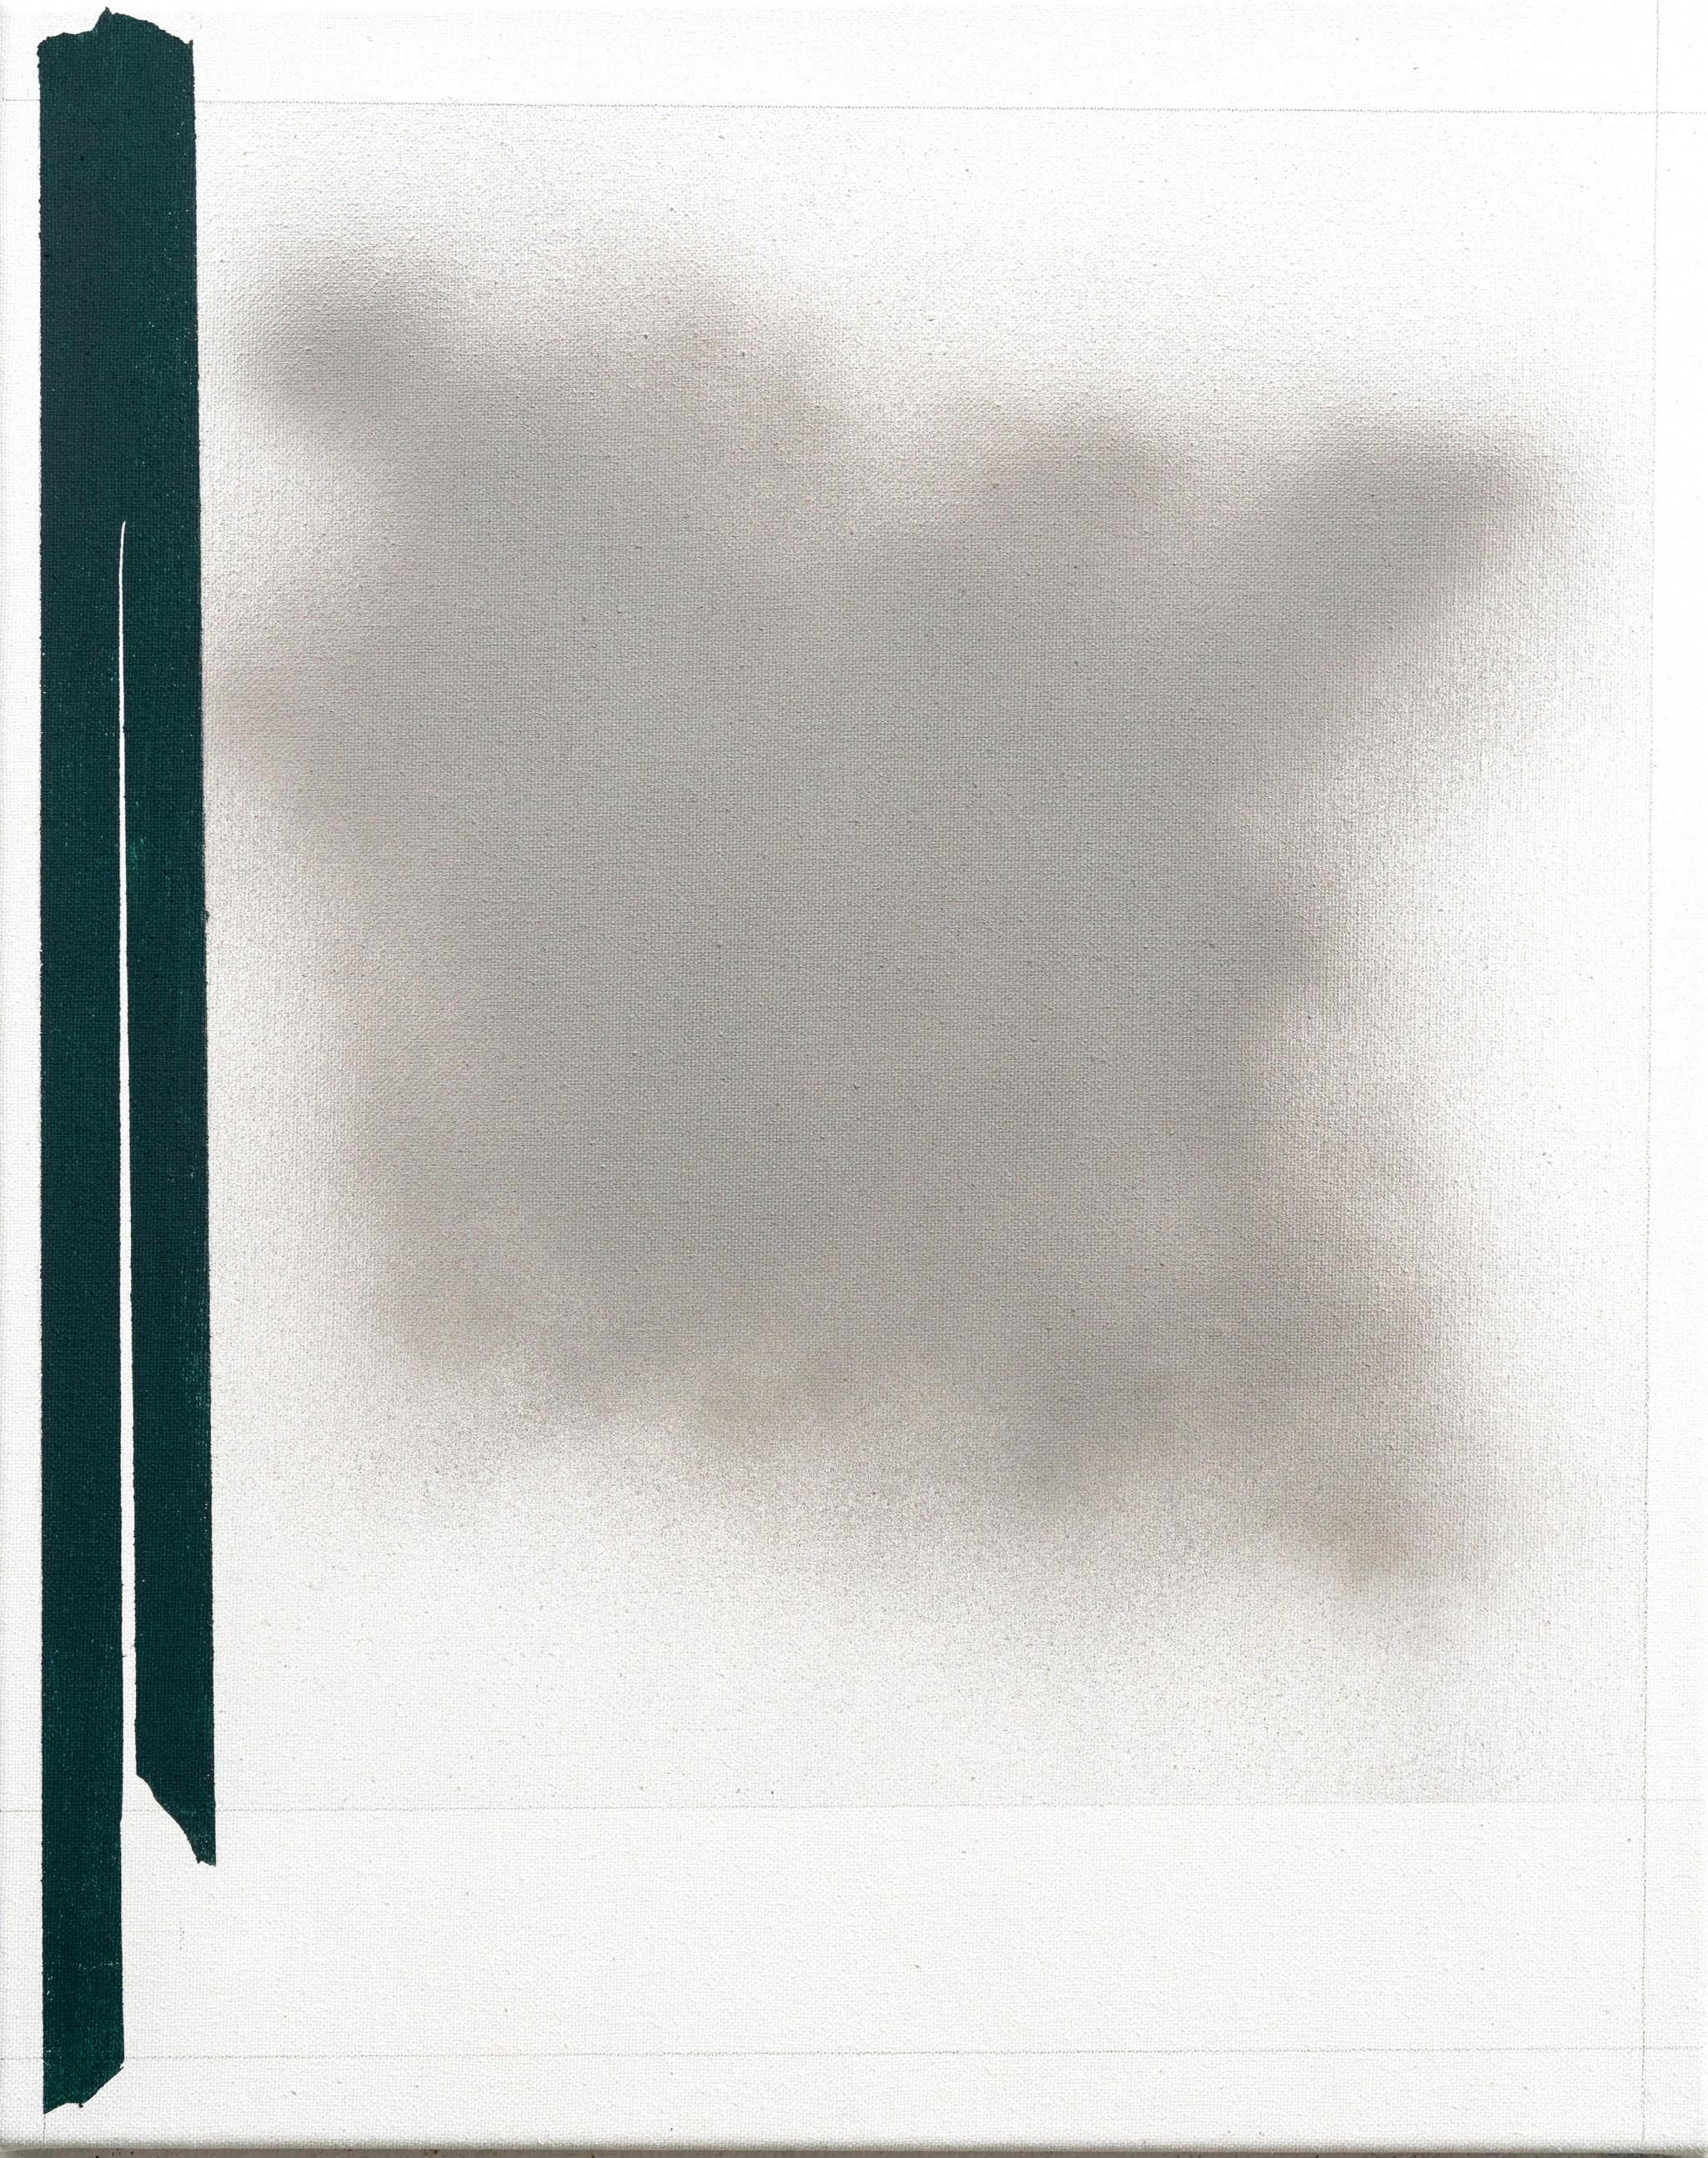 O.T. 2018 Bleistift, Acryl, Lack auf Baumwolle 50x40 cm